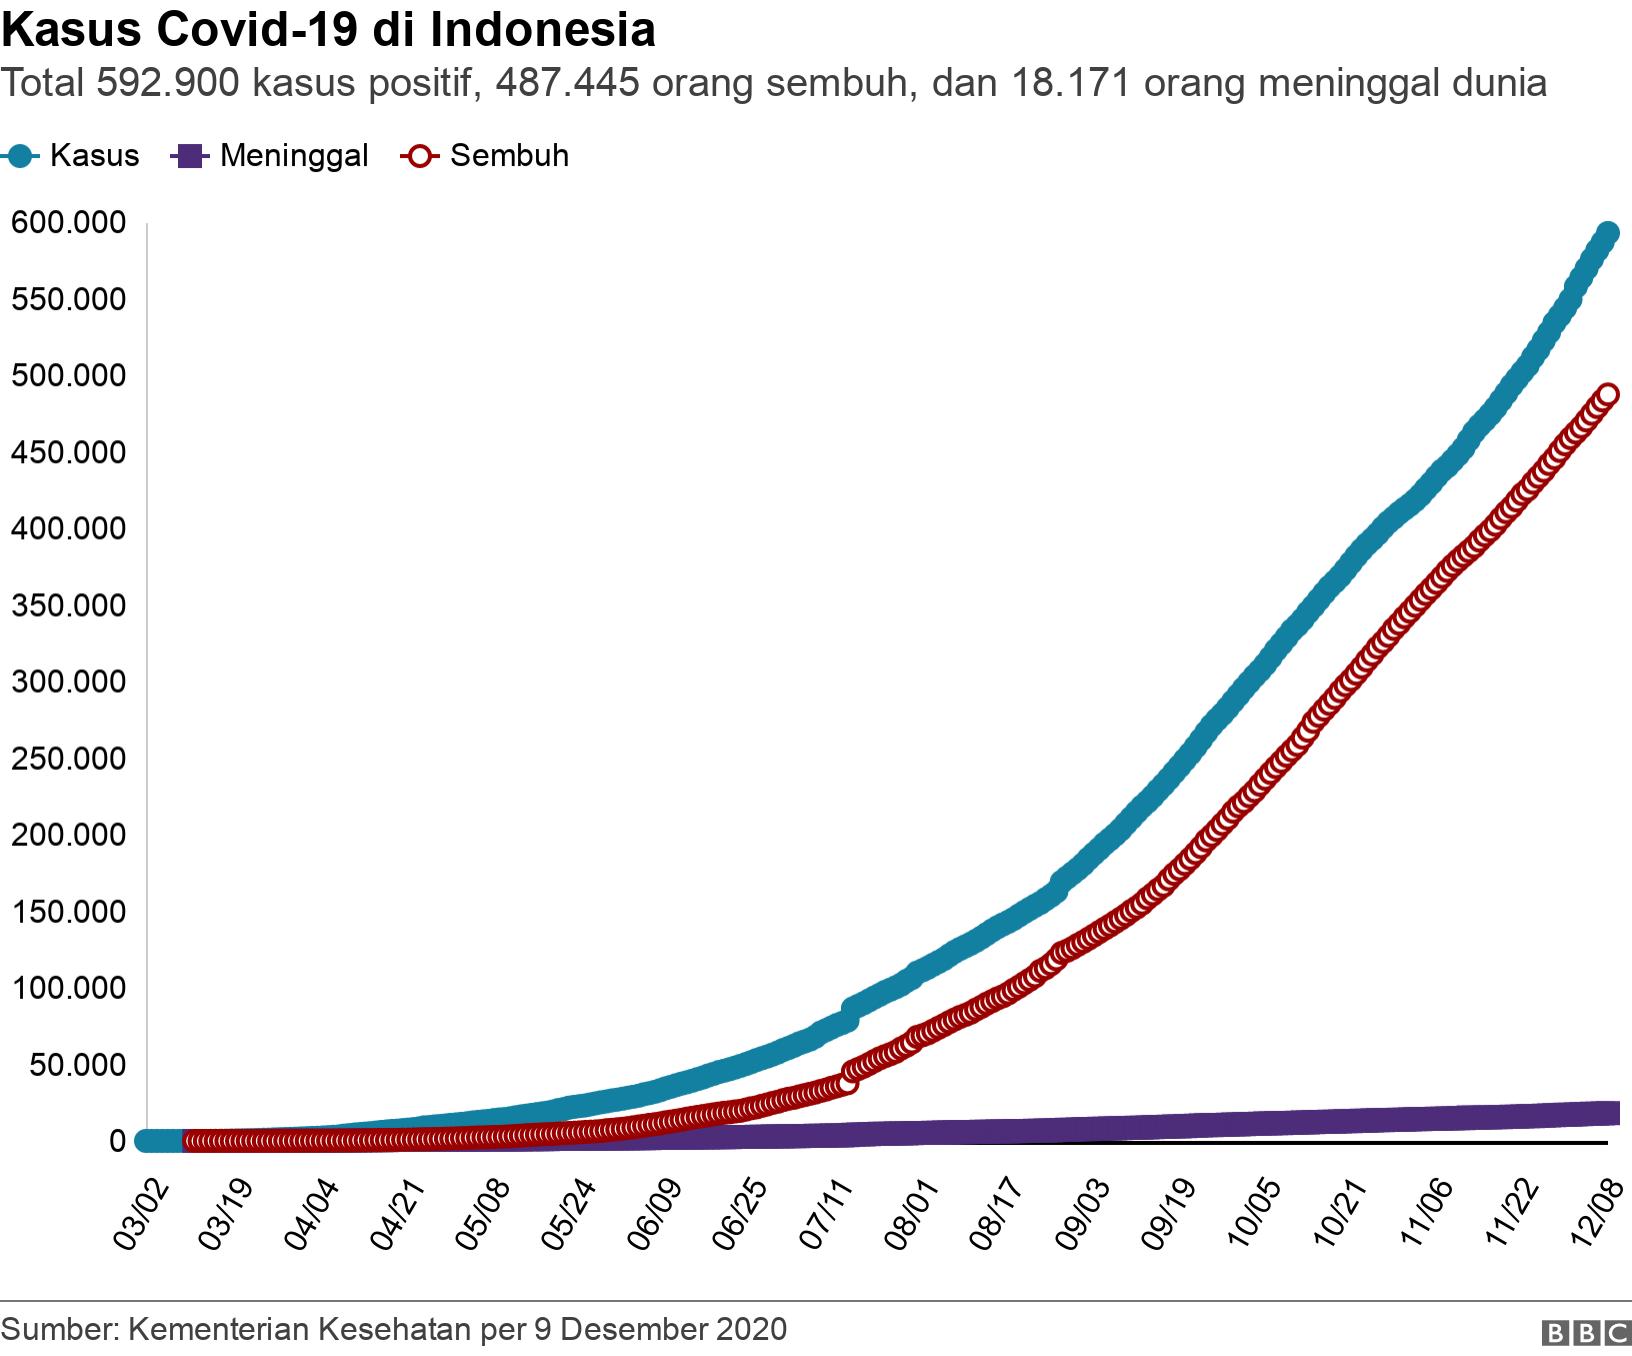 Jumlah kasus virus corona di Indonesia. Total 95.418 orang, 53,945 orang sembuh dan 4.665 orang meninggal dunia.  .